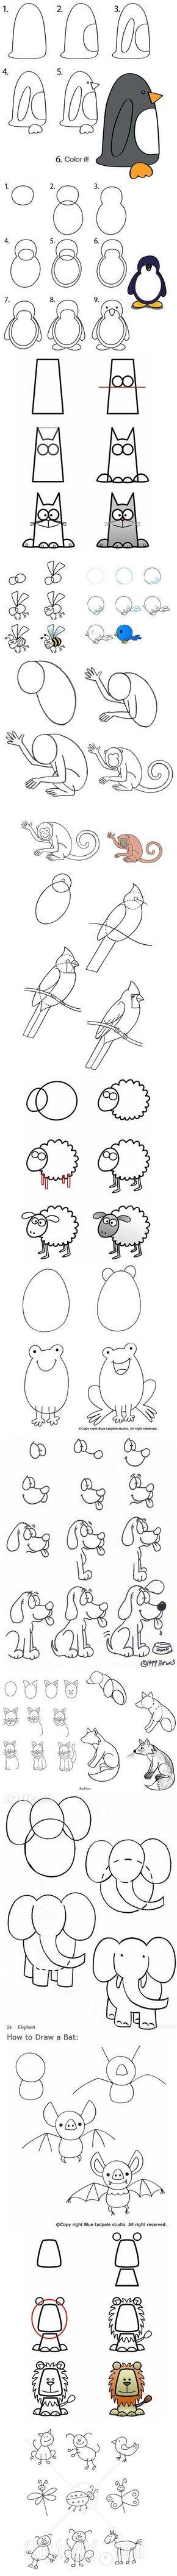 描画のための漫画の動物」のアイデア 25 件以上   pinterest   マンガ